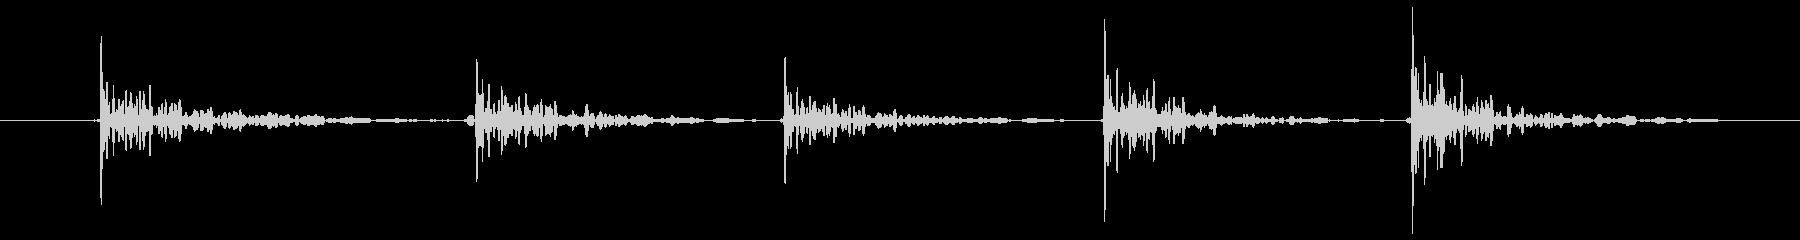 恐怖シリーズ5.ノック音(木製5回)の未再生の波形